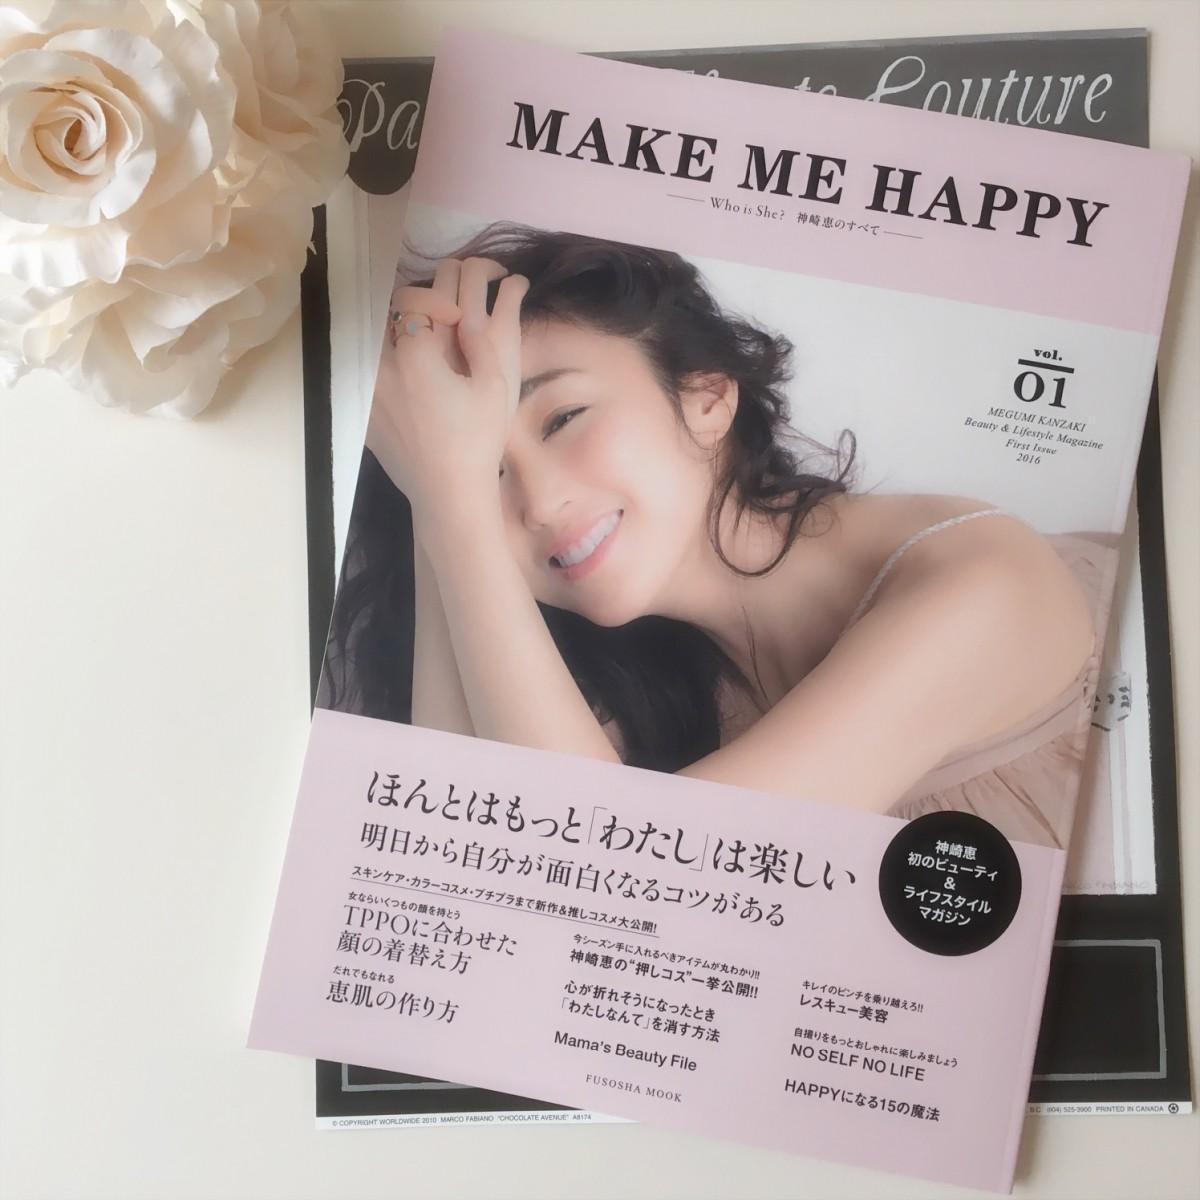 MAKE ME HAPPY♡毎日を happy に過ごす秘訣が詰まった素敵な1冊…